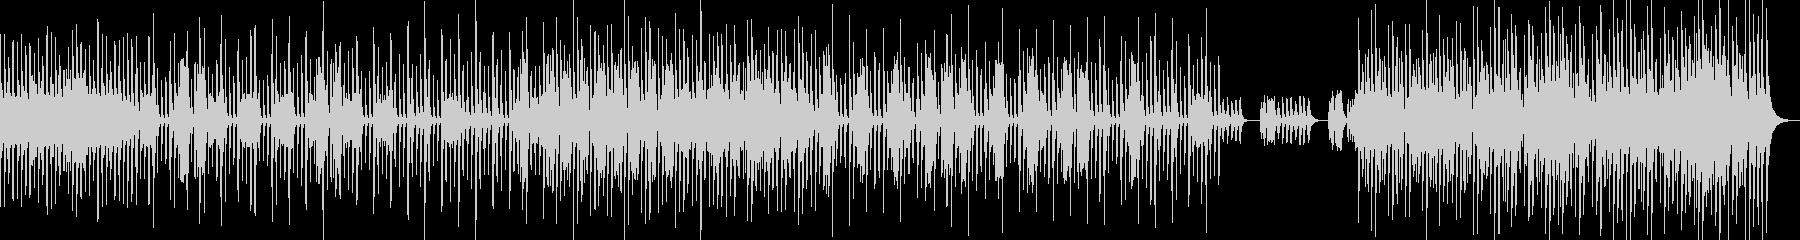 シリアス&ミステリアスなナンバーの未再生の波形